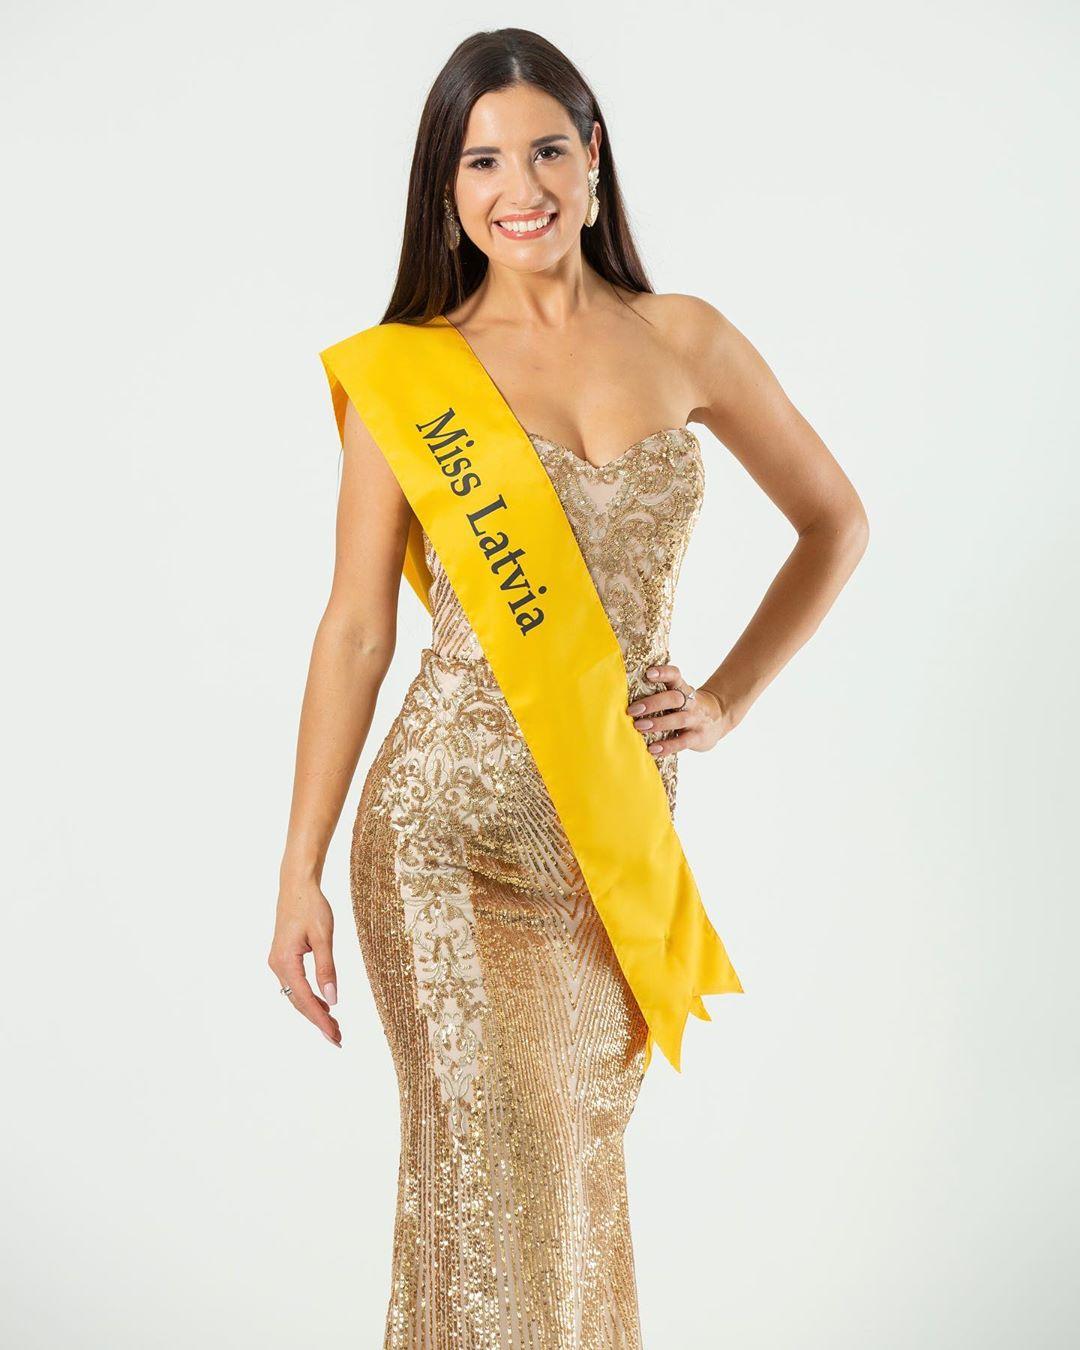 miss latvia vence miss great 2019. 1kOhaX